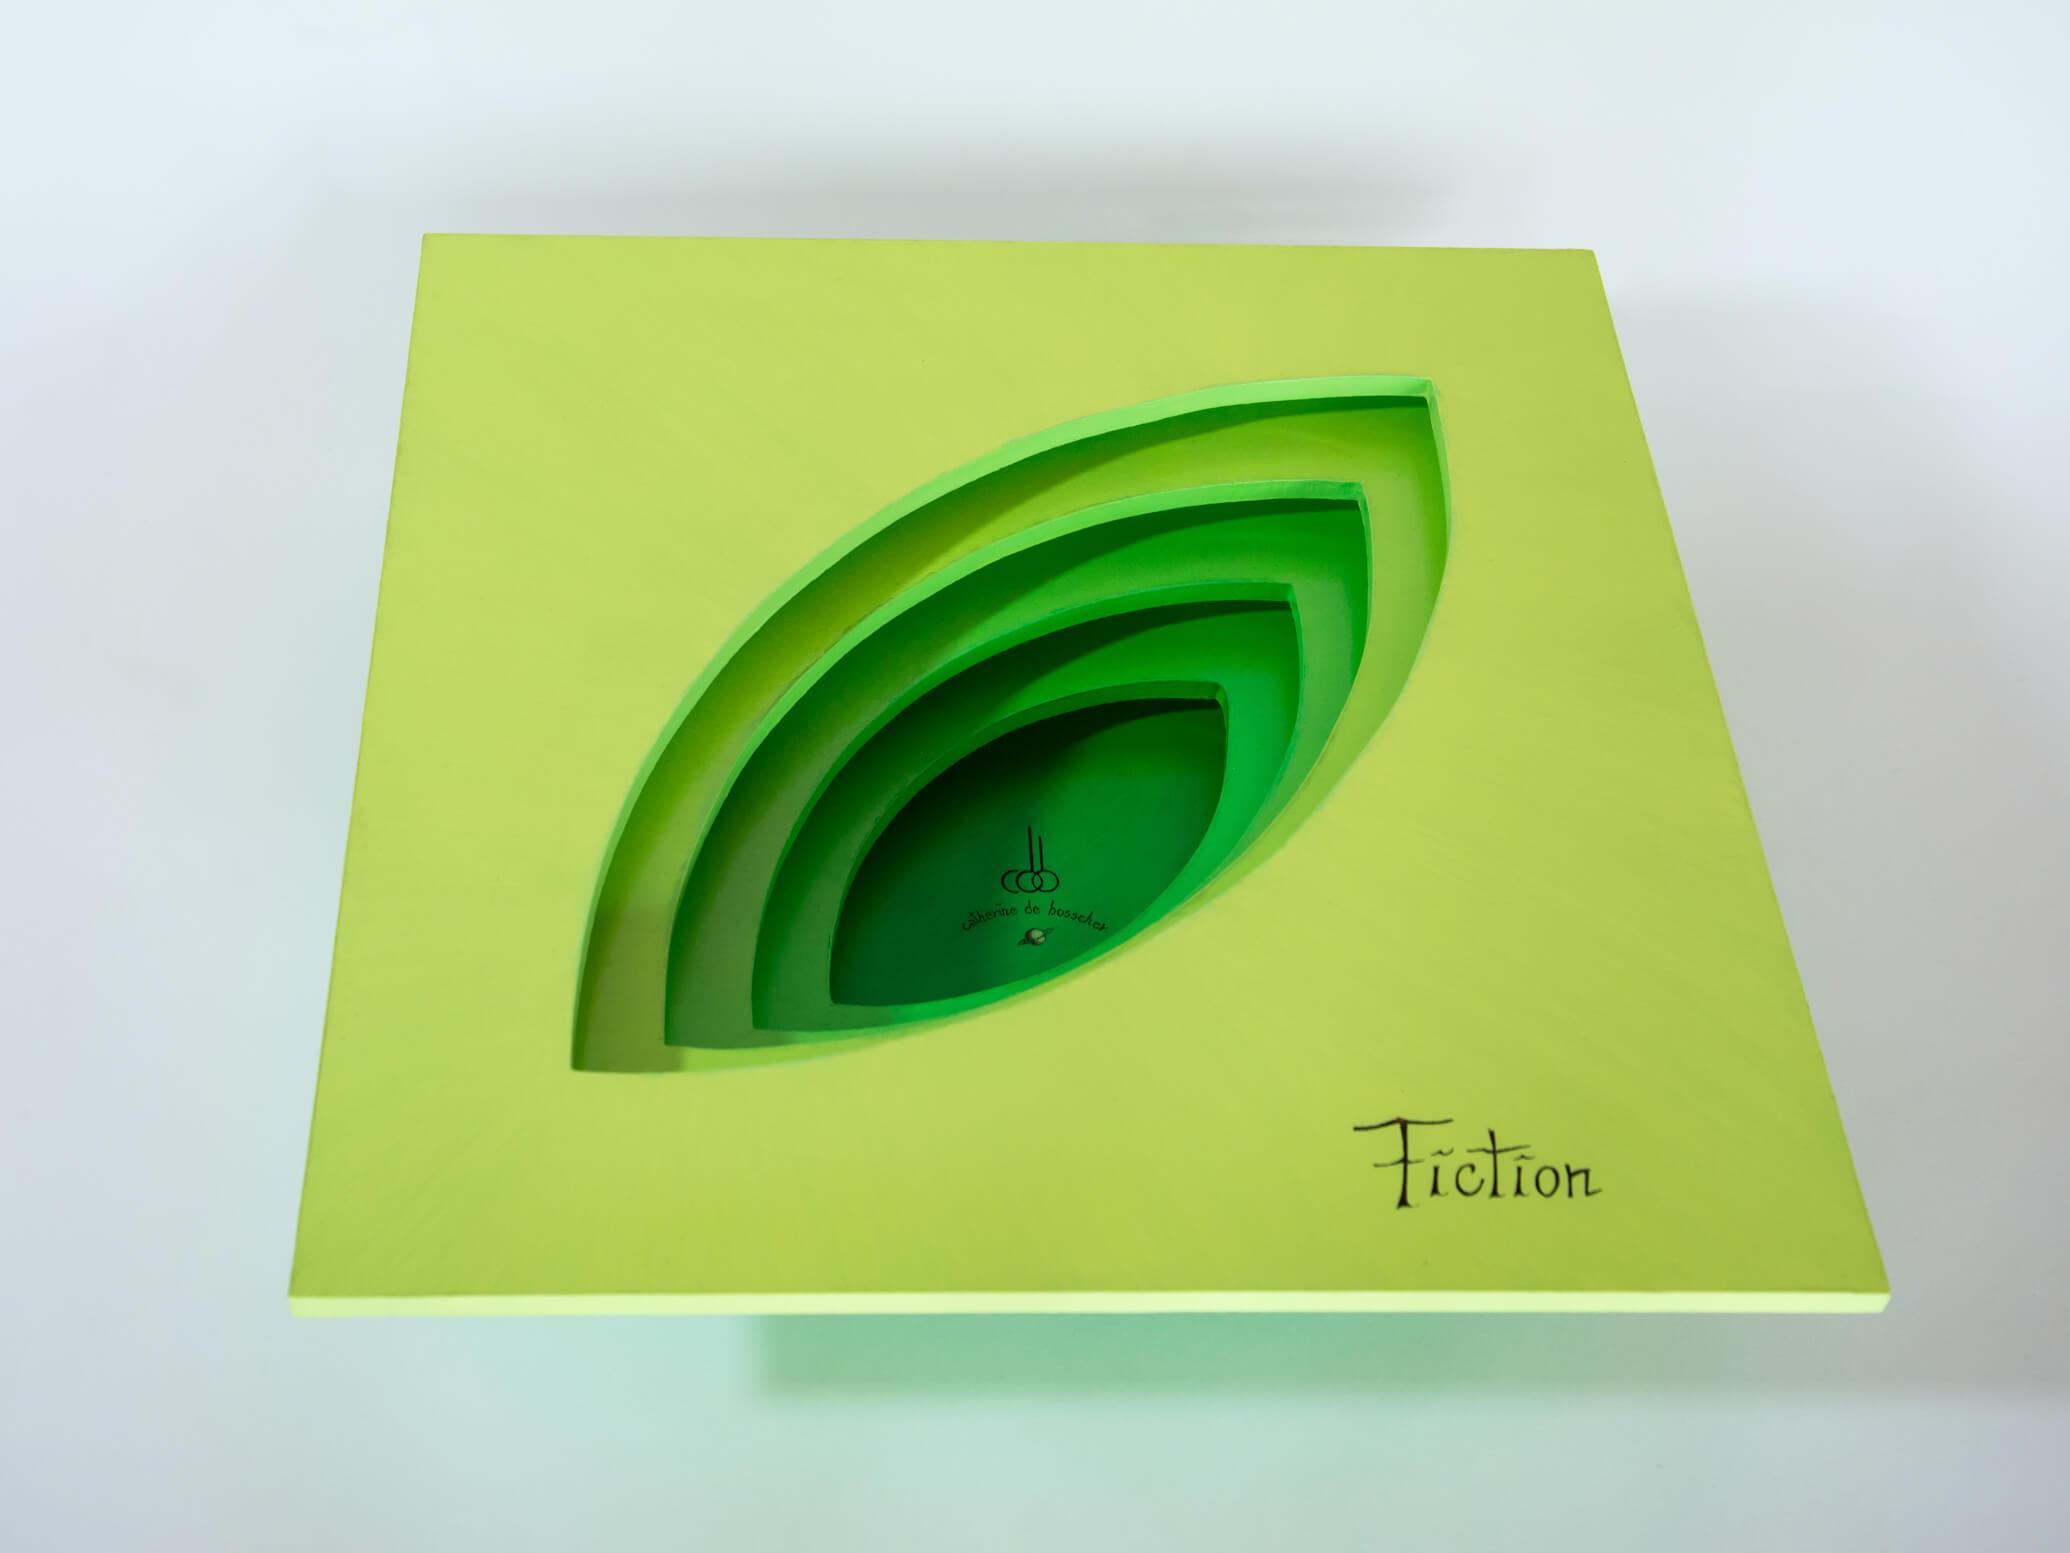 Sculptural Bowl 'Fiction' 42 cm/ 16.5 inch